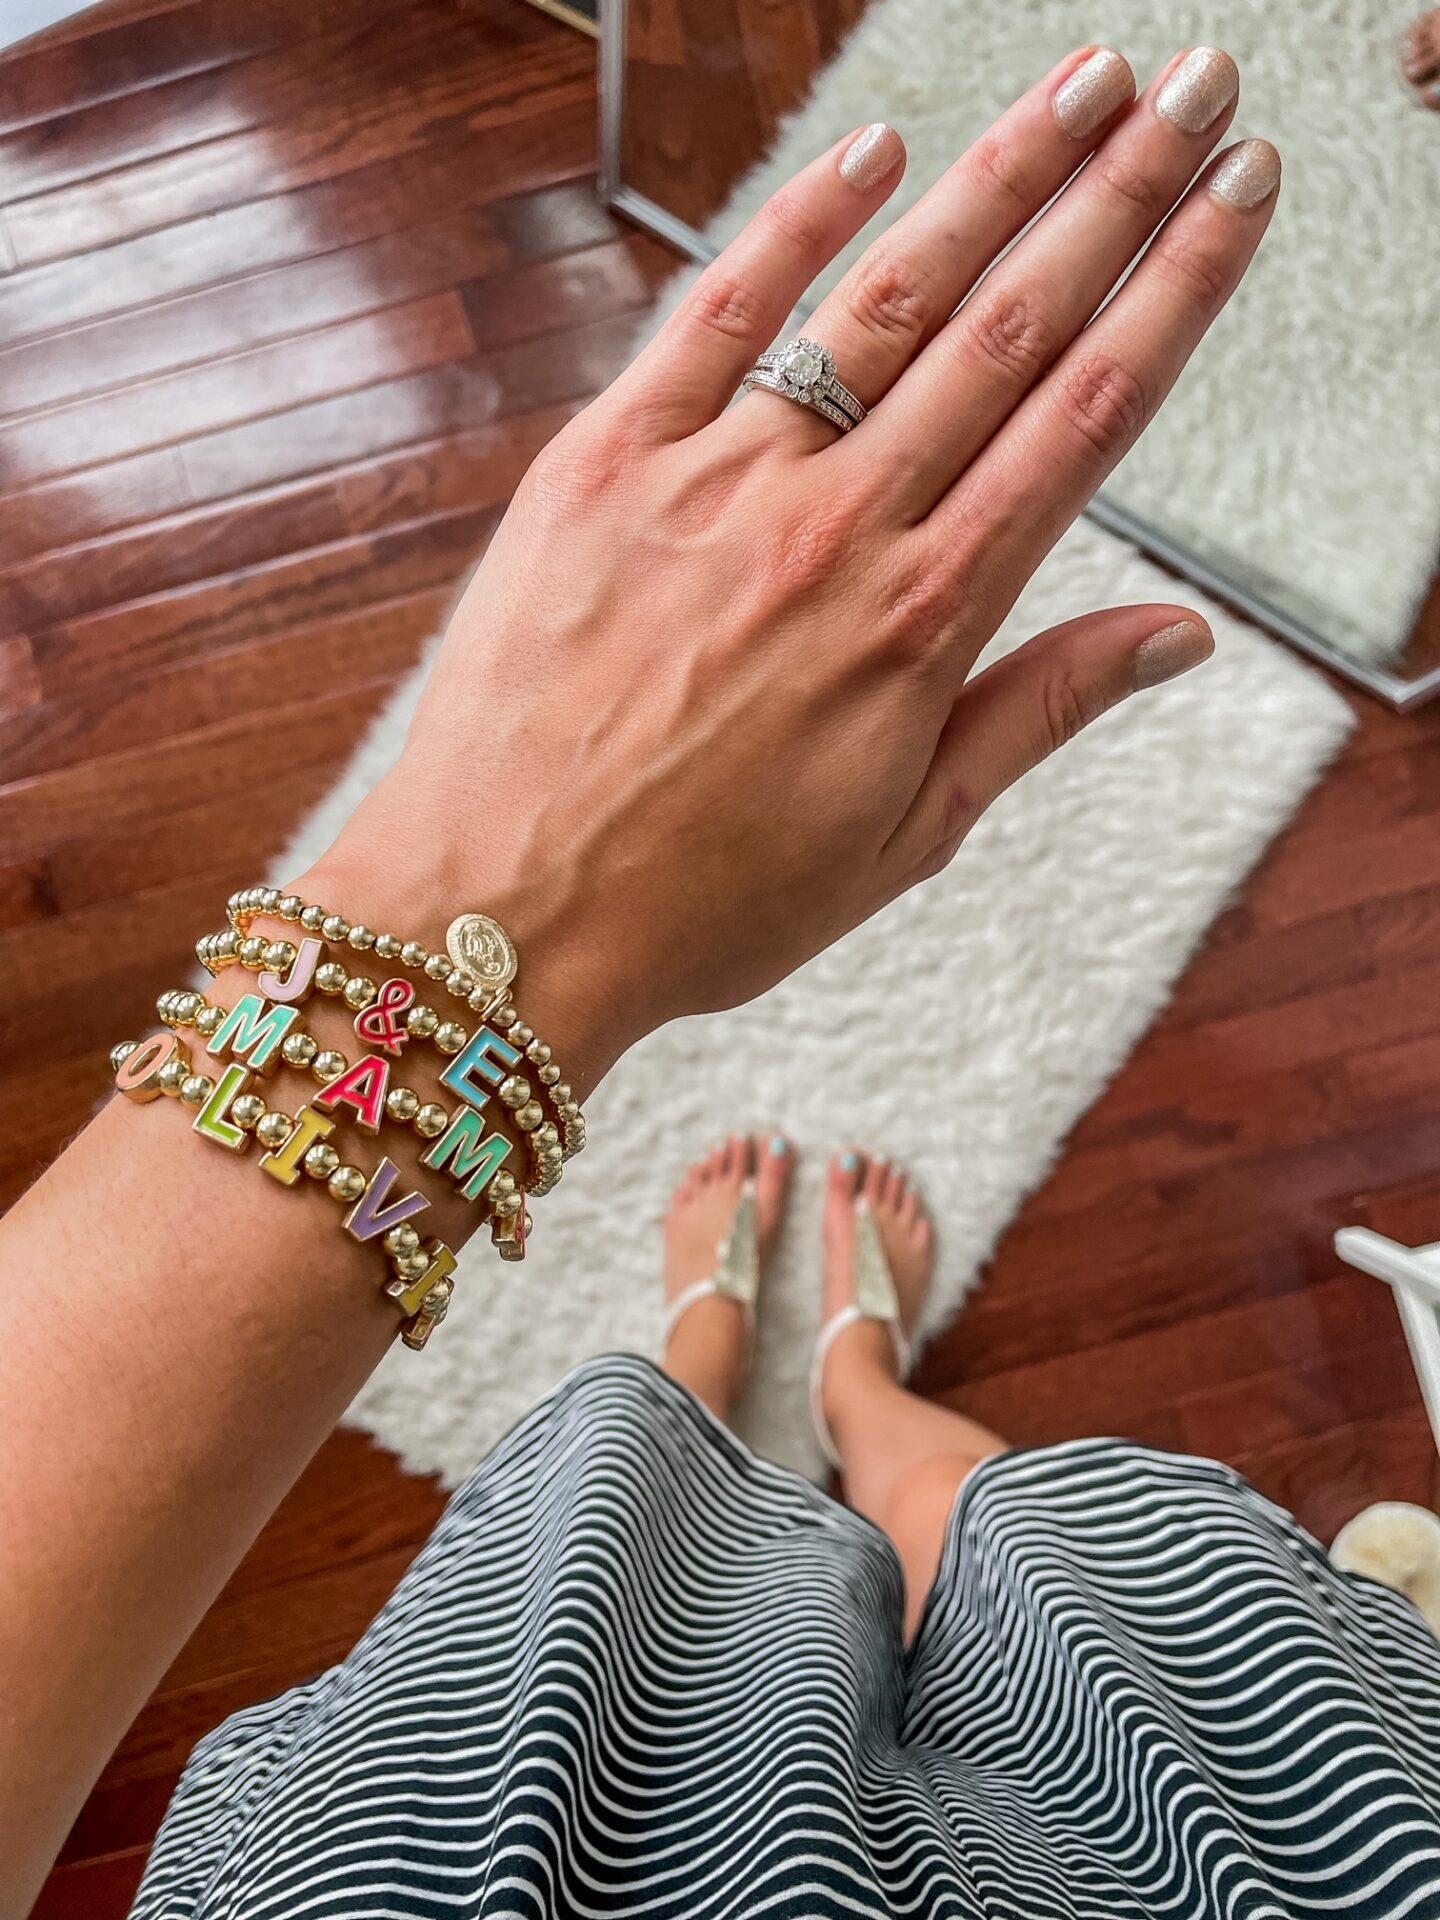 Isabelle Grace beaded bracelets - Baublebar bracelet dupe!